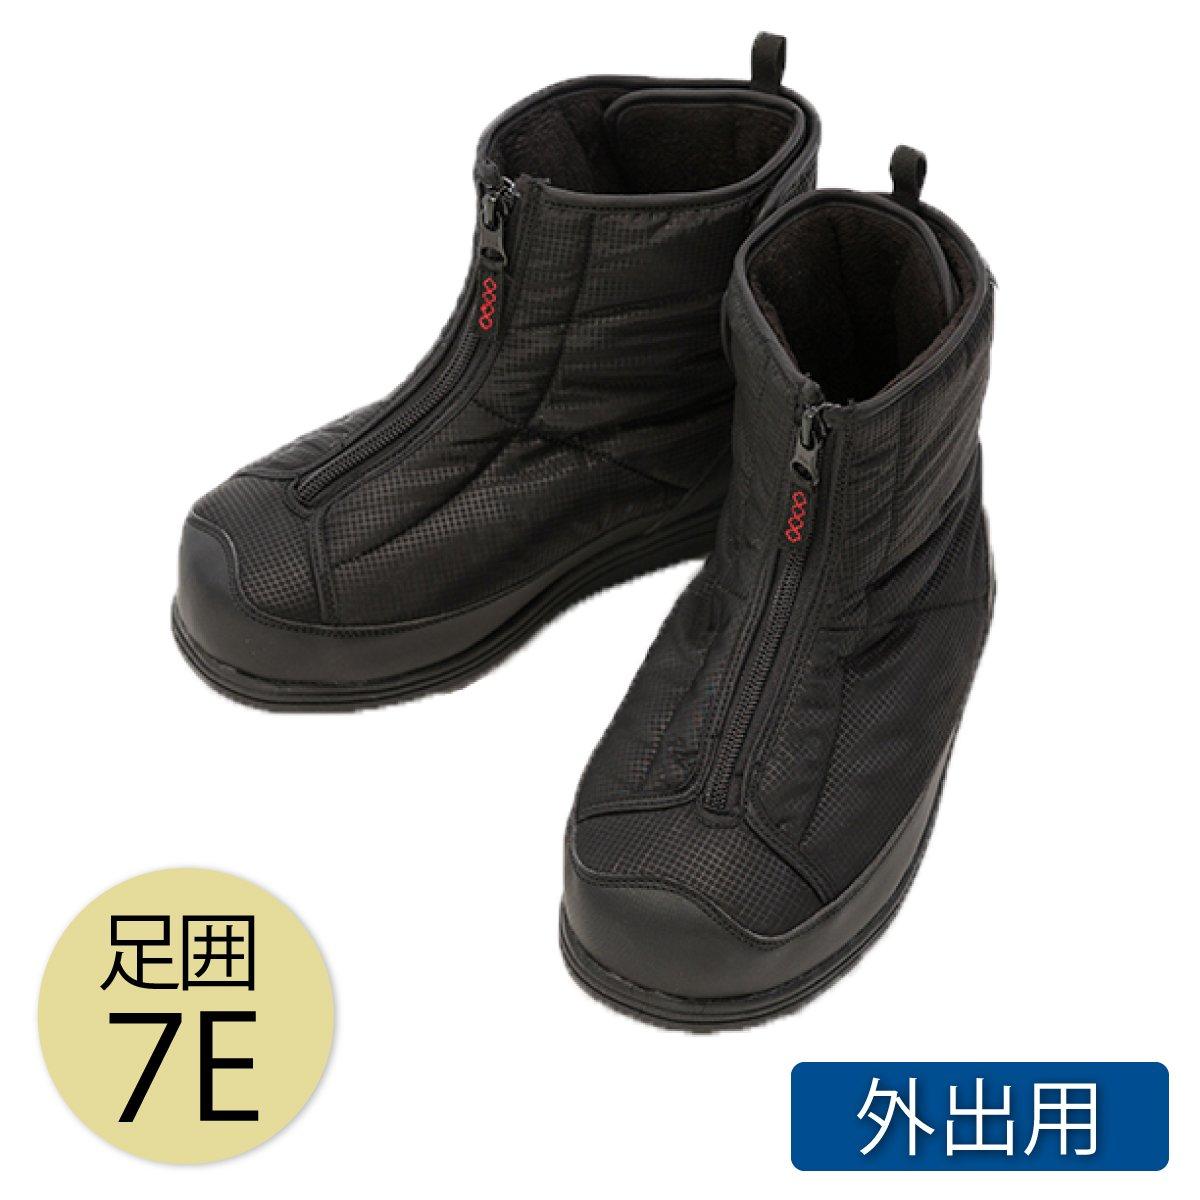 介護シューズ ブーツ 介護靴 外出用 あゆみ シニア 防寒ワイドブーツ 7E 黒 5020(4L) B076MR39BB   4L